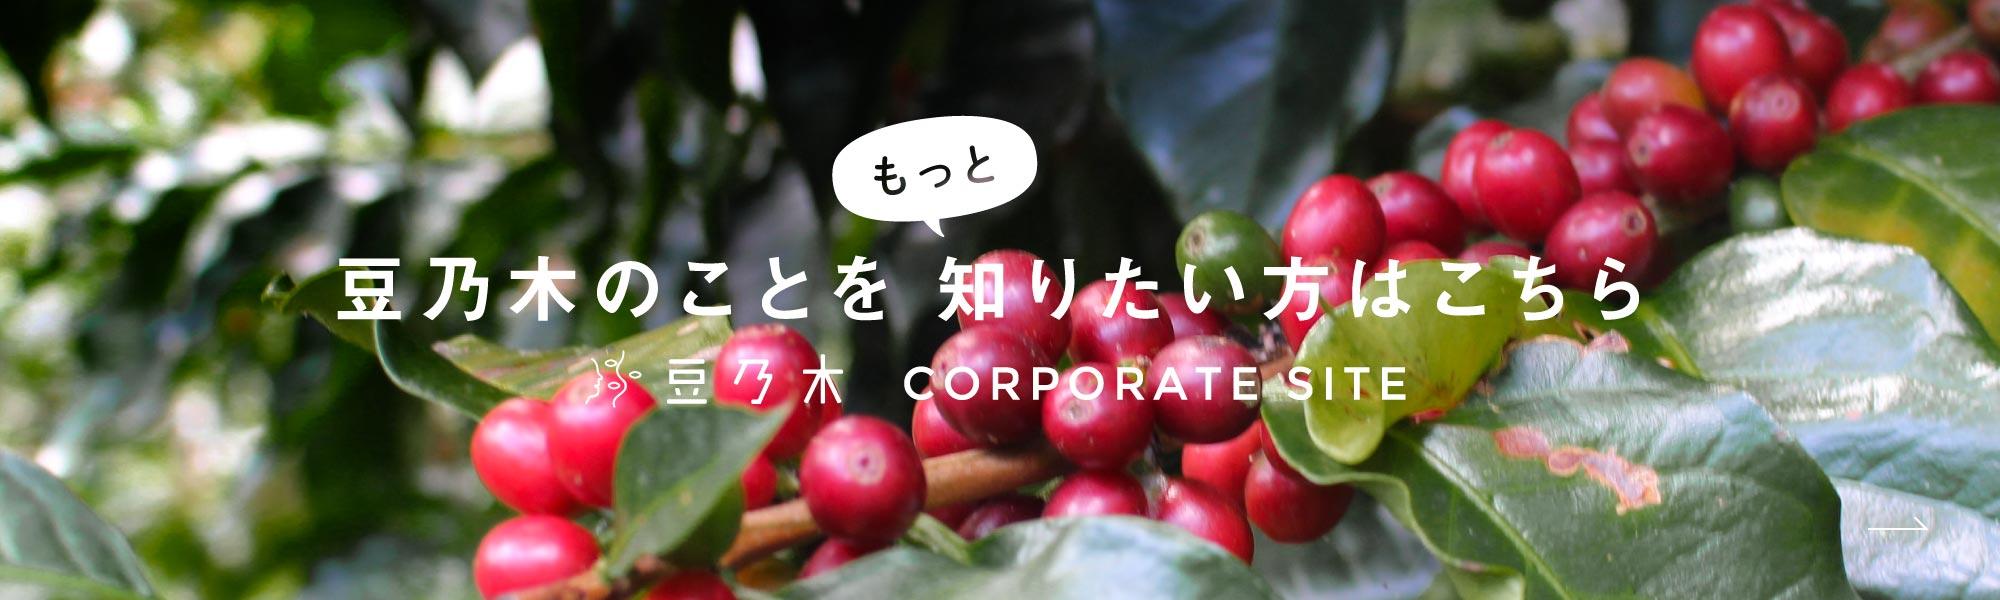 もっと豆乃木のことを知りたい方はこちら CORPORATE SITE